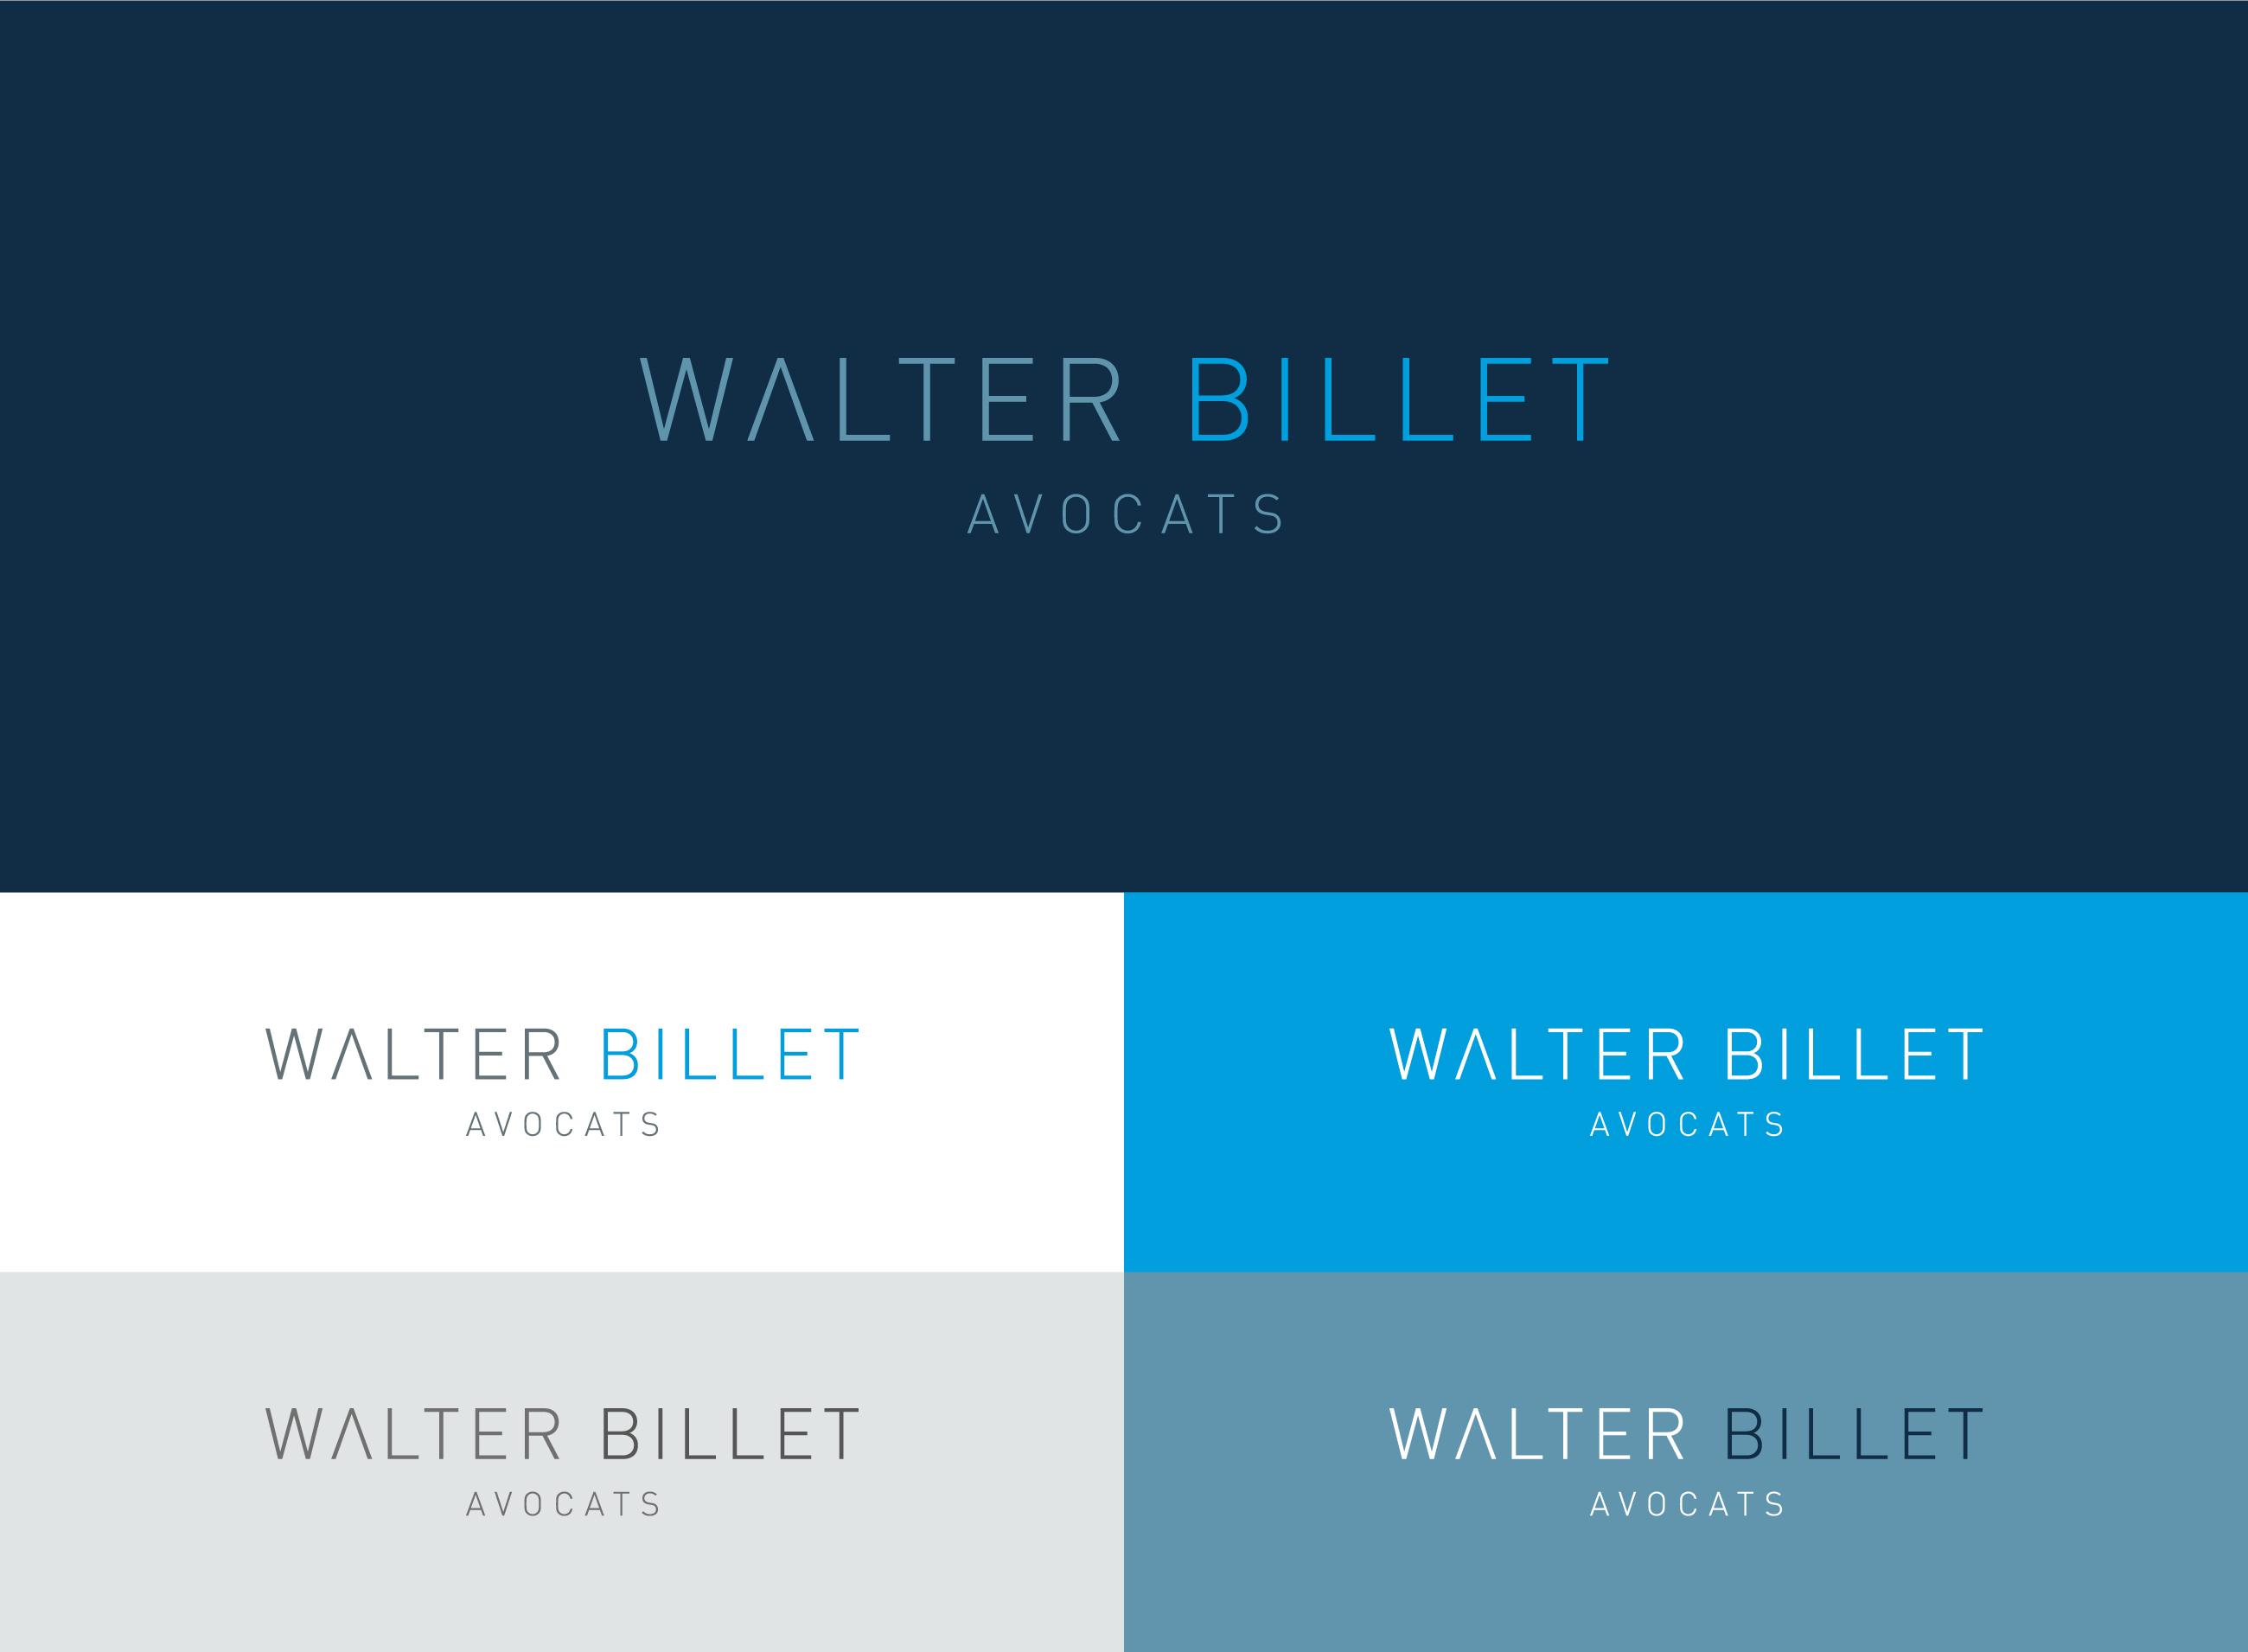 Walter Billet Avocats identité logo